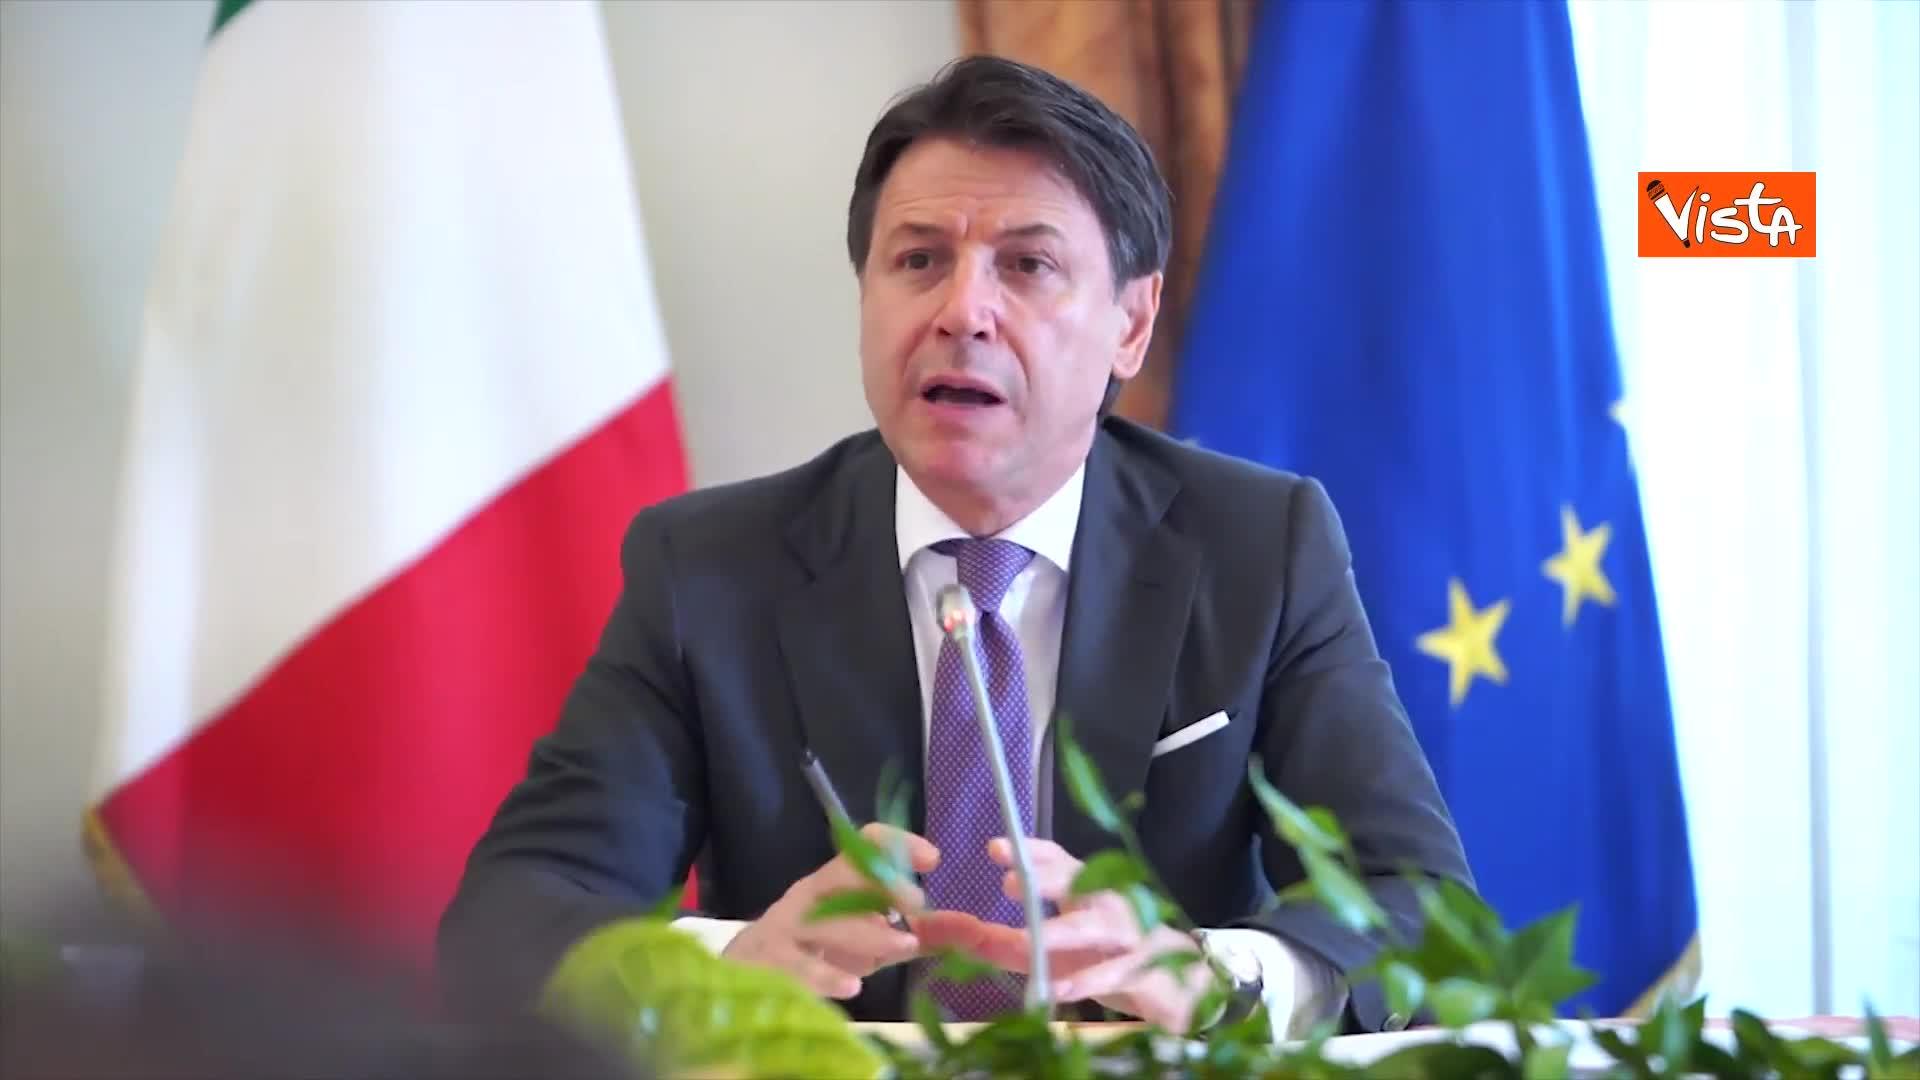 """Conte: """"Piano in tre punti, modernizzazione, transizione green e inclusione"""""""